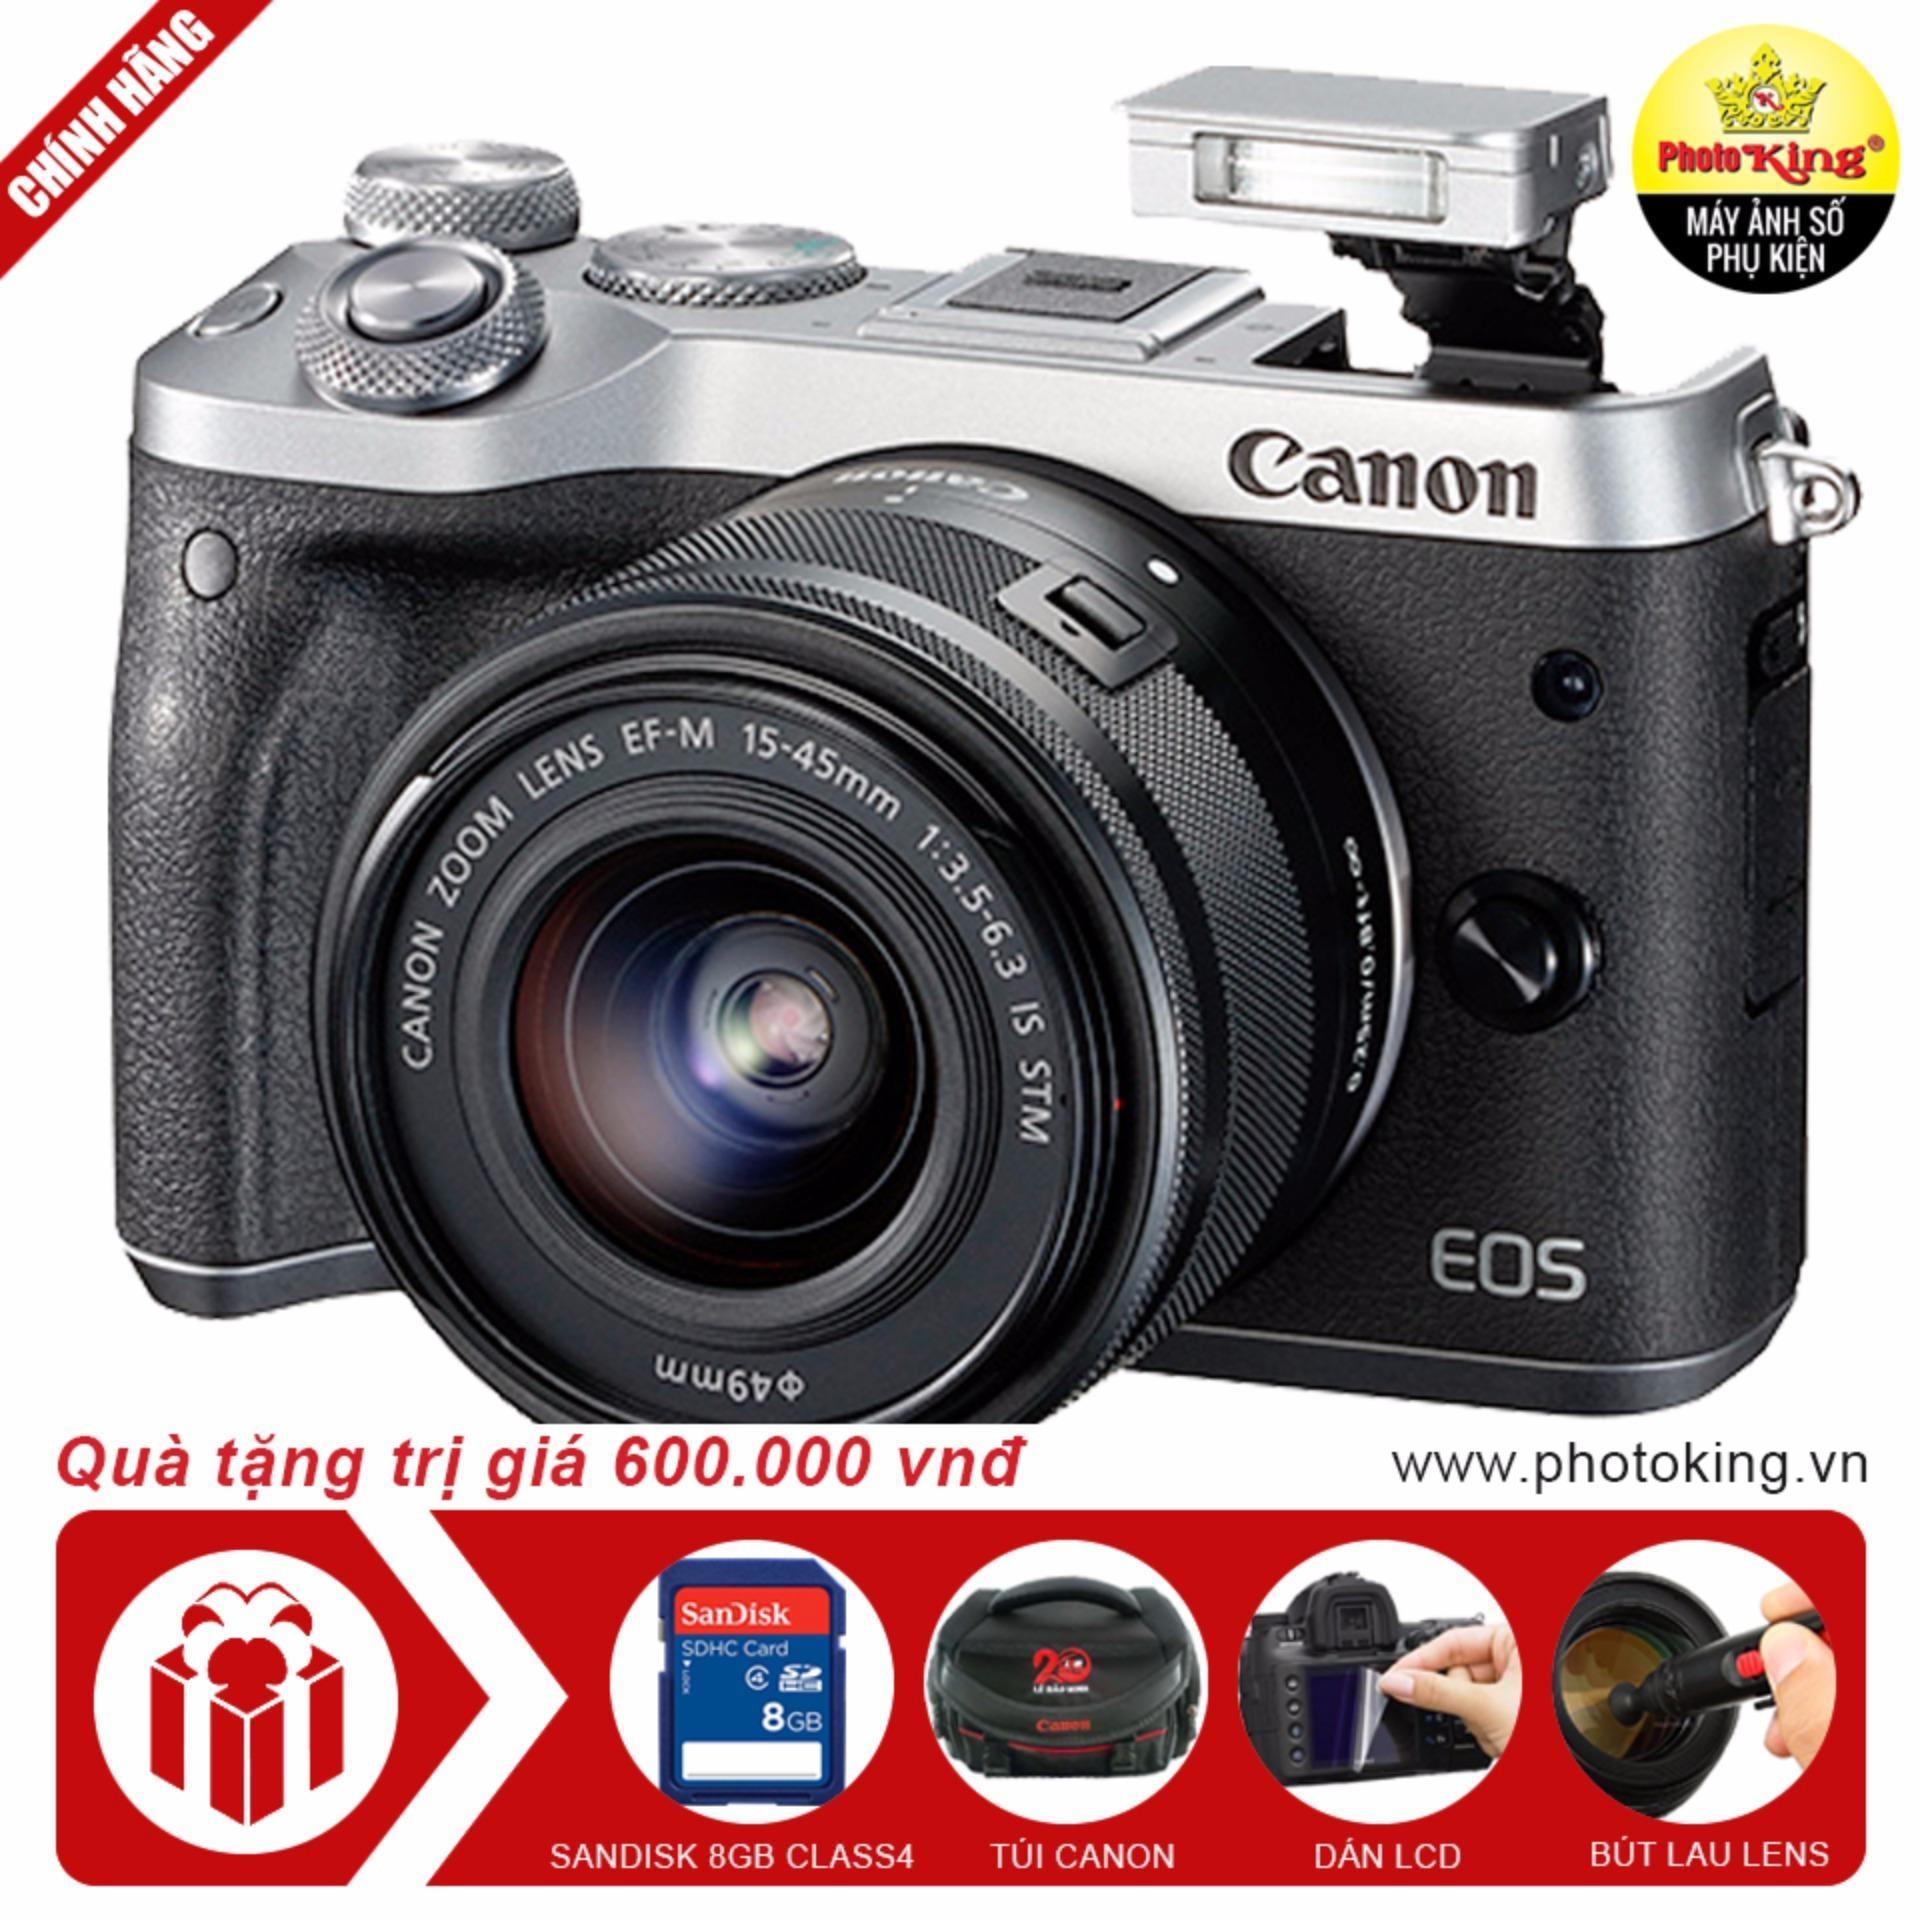 Canon EOS M6 với lens kit EF-M 15-45mm f/3.5-6.3 IS STM (Bạc) +Tặng 1 túi đựng máy ảnh + 1 thẻ nhớ 8GB + dán màn hình + bút lauống kính - Hãng phân phối chính thức